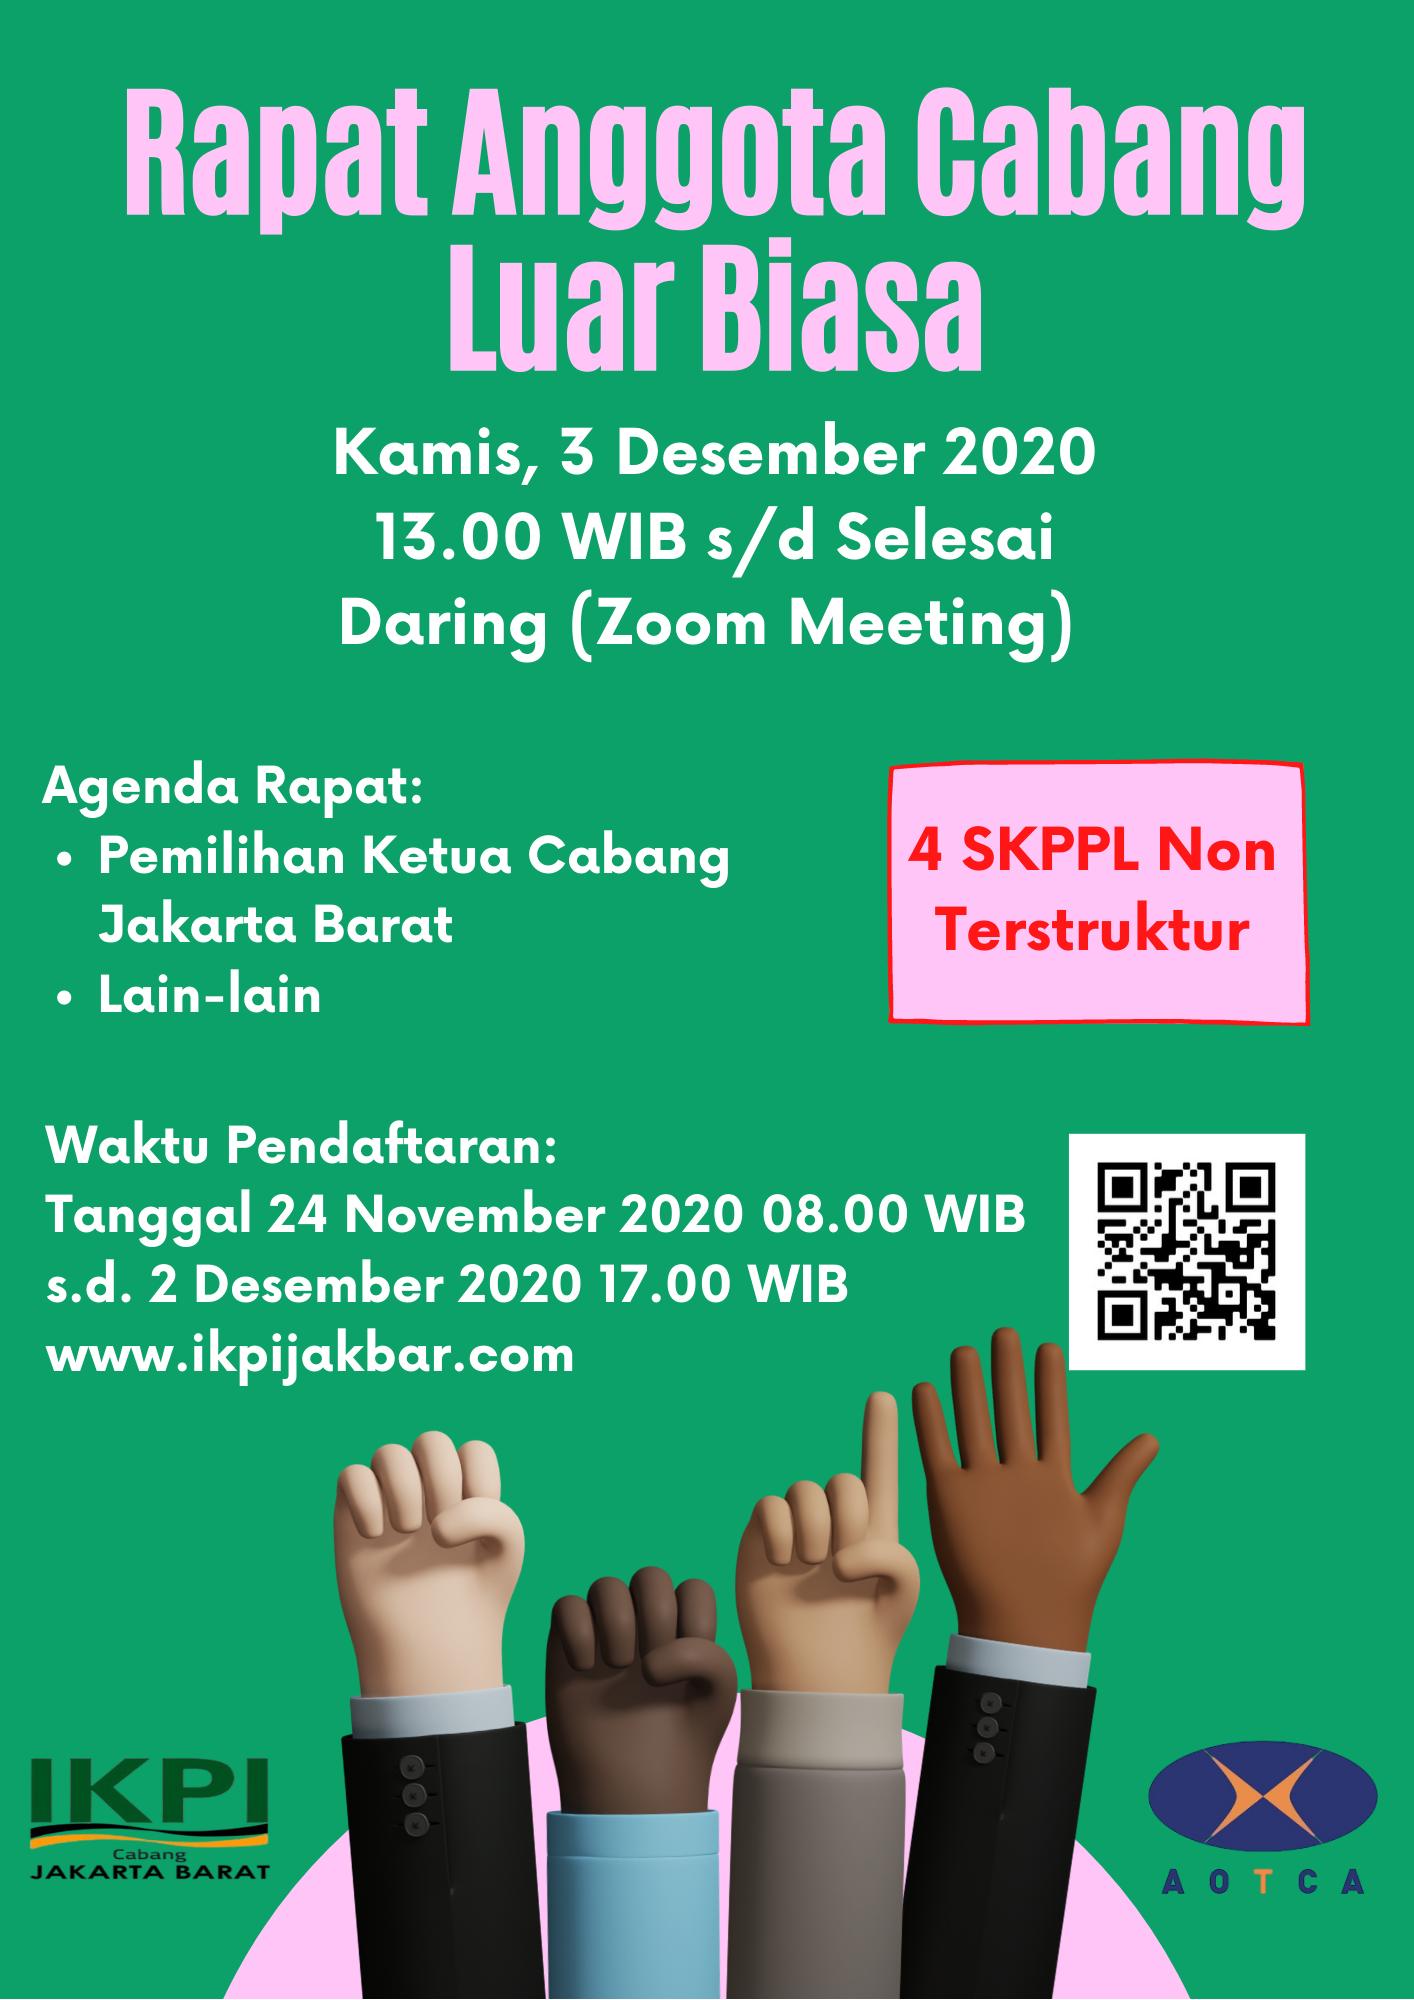 Rapat Anggota Cabang Luar Biasa IKPI Cab. Jakarta Barat